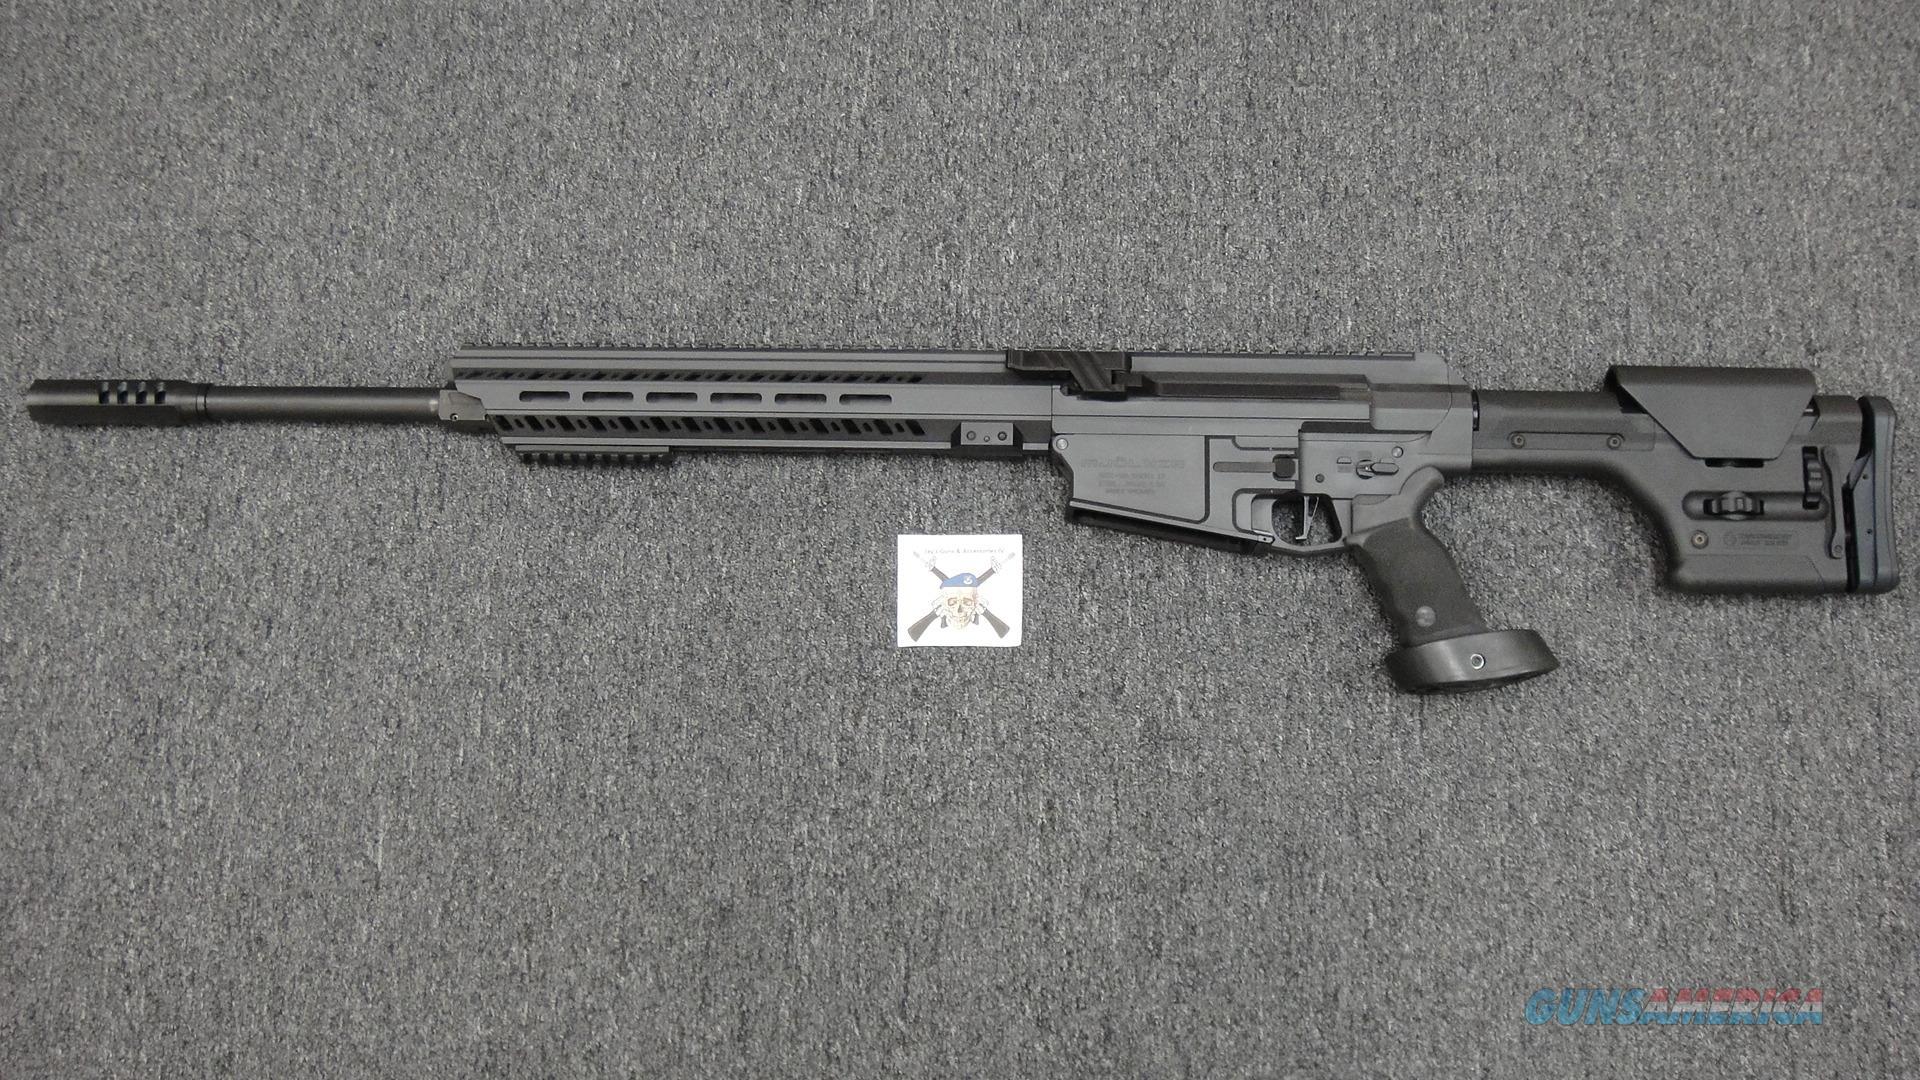 S.W.O.R.D. International MK-18 Mod-0 .338 Lapua mag  Guns > Rifles > AR-15 Rifles - Small Manufacturers > Complete Rifle